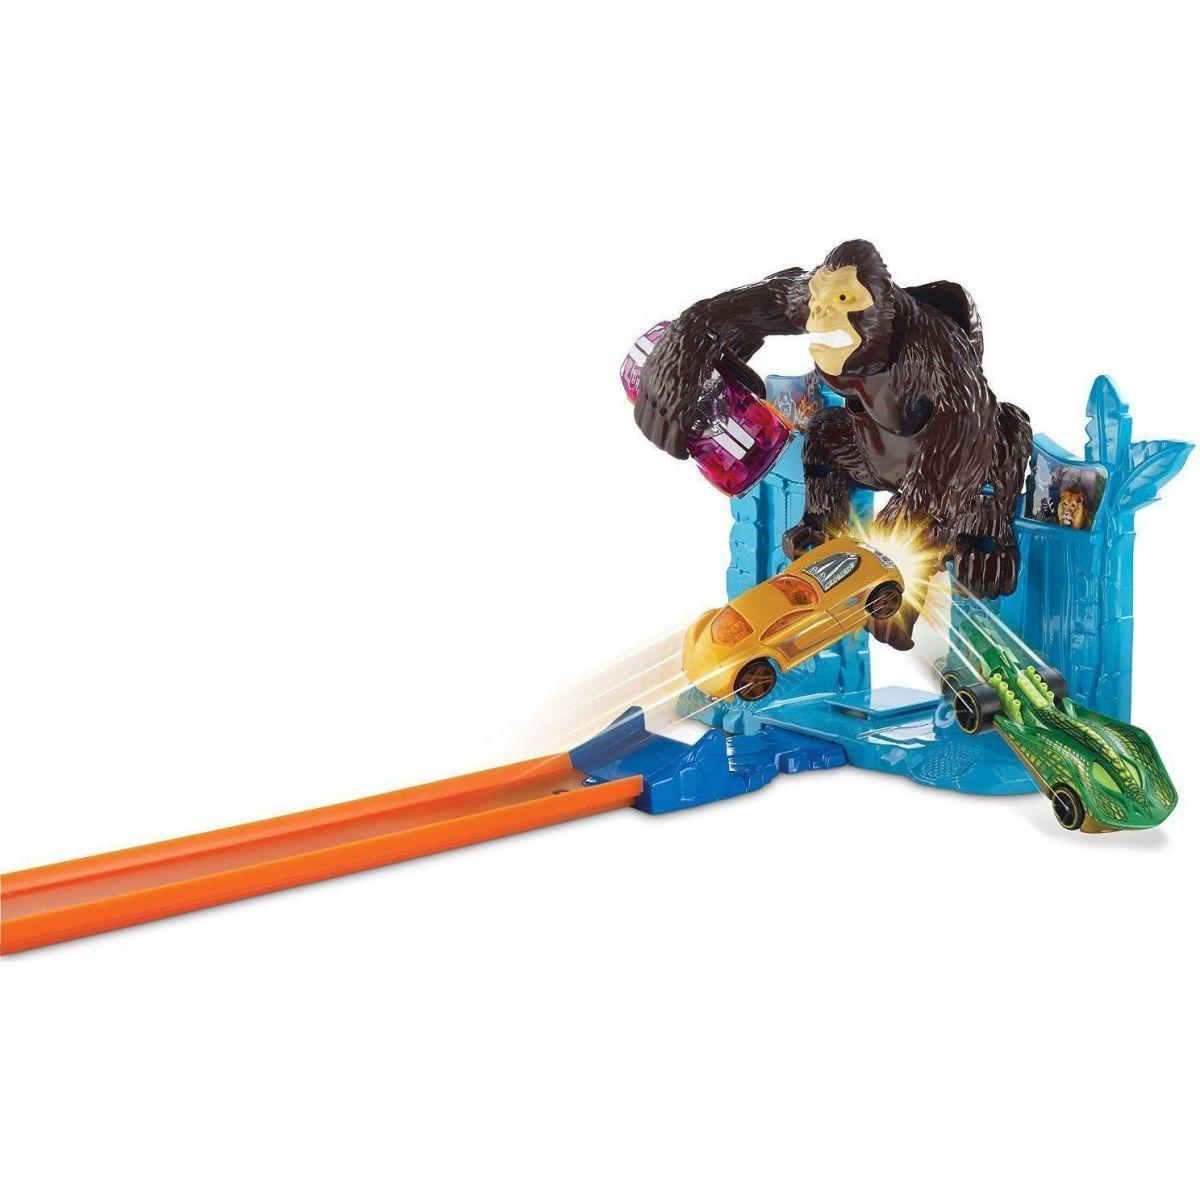 Hot Wheels BGH87 Dráha závodní překážky - Gorilla Getaway